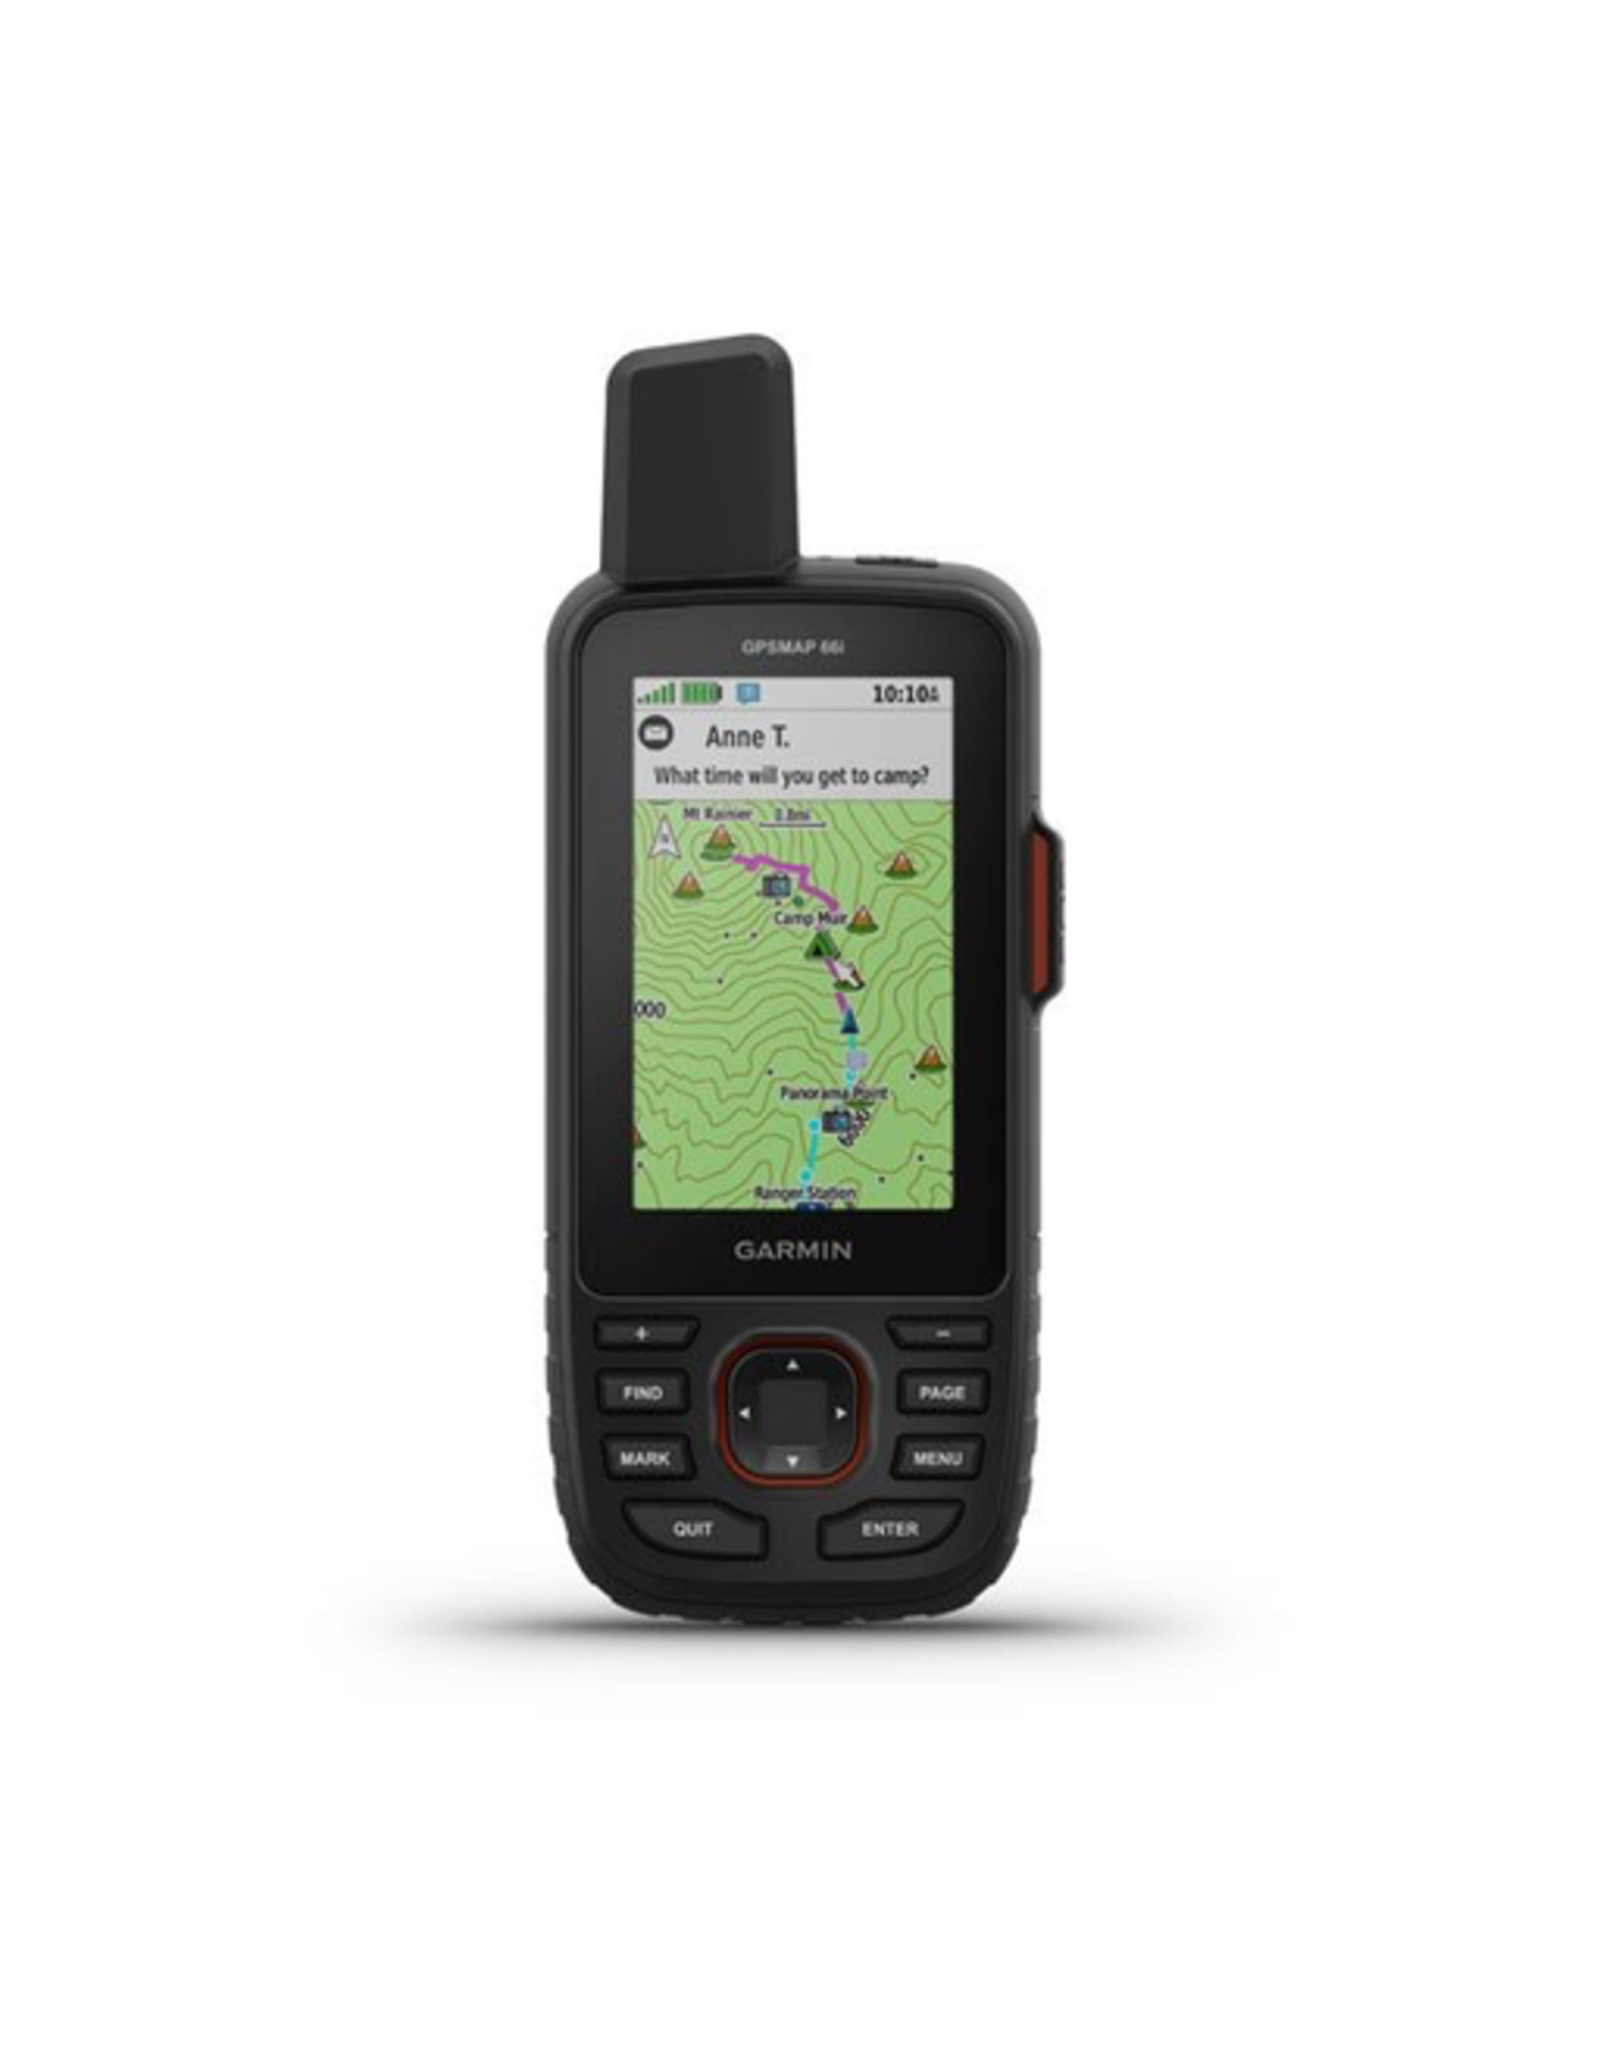 Garmin Garmin GPSMAP 66I